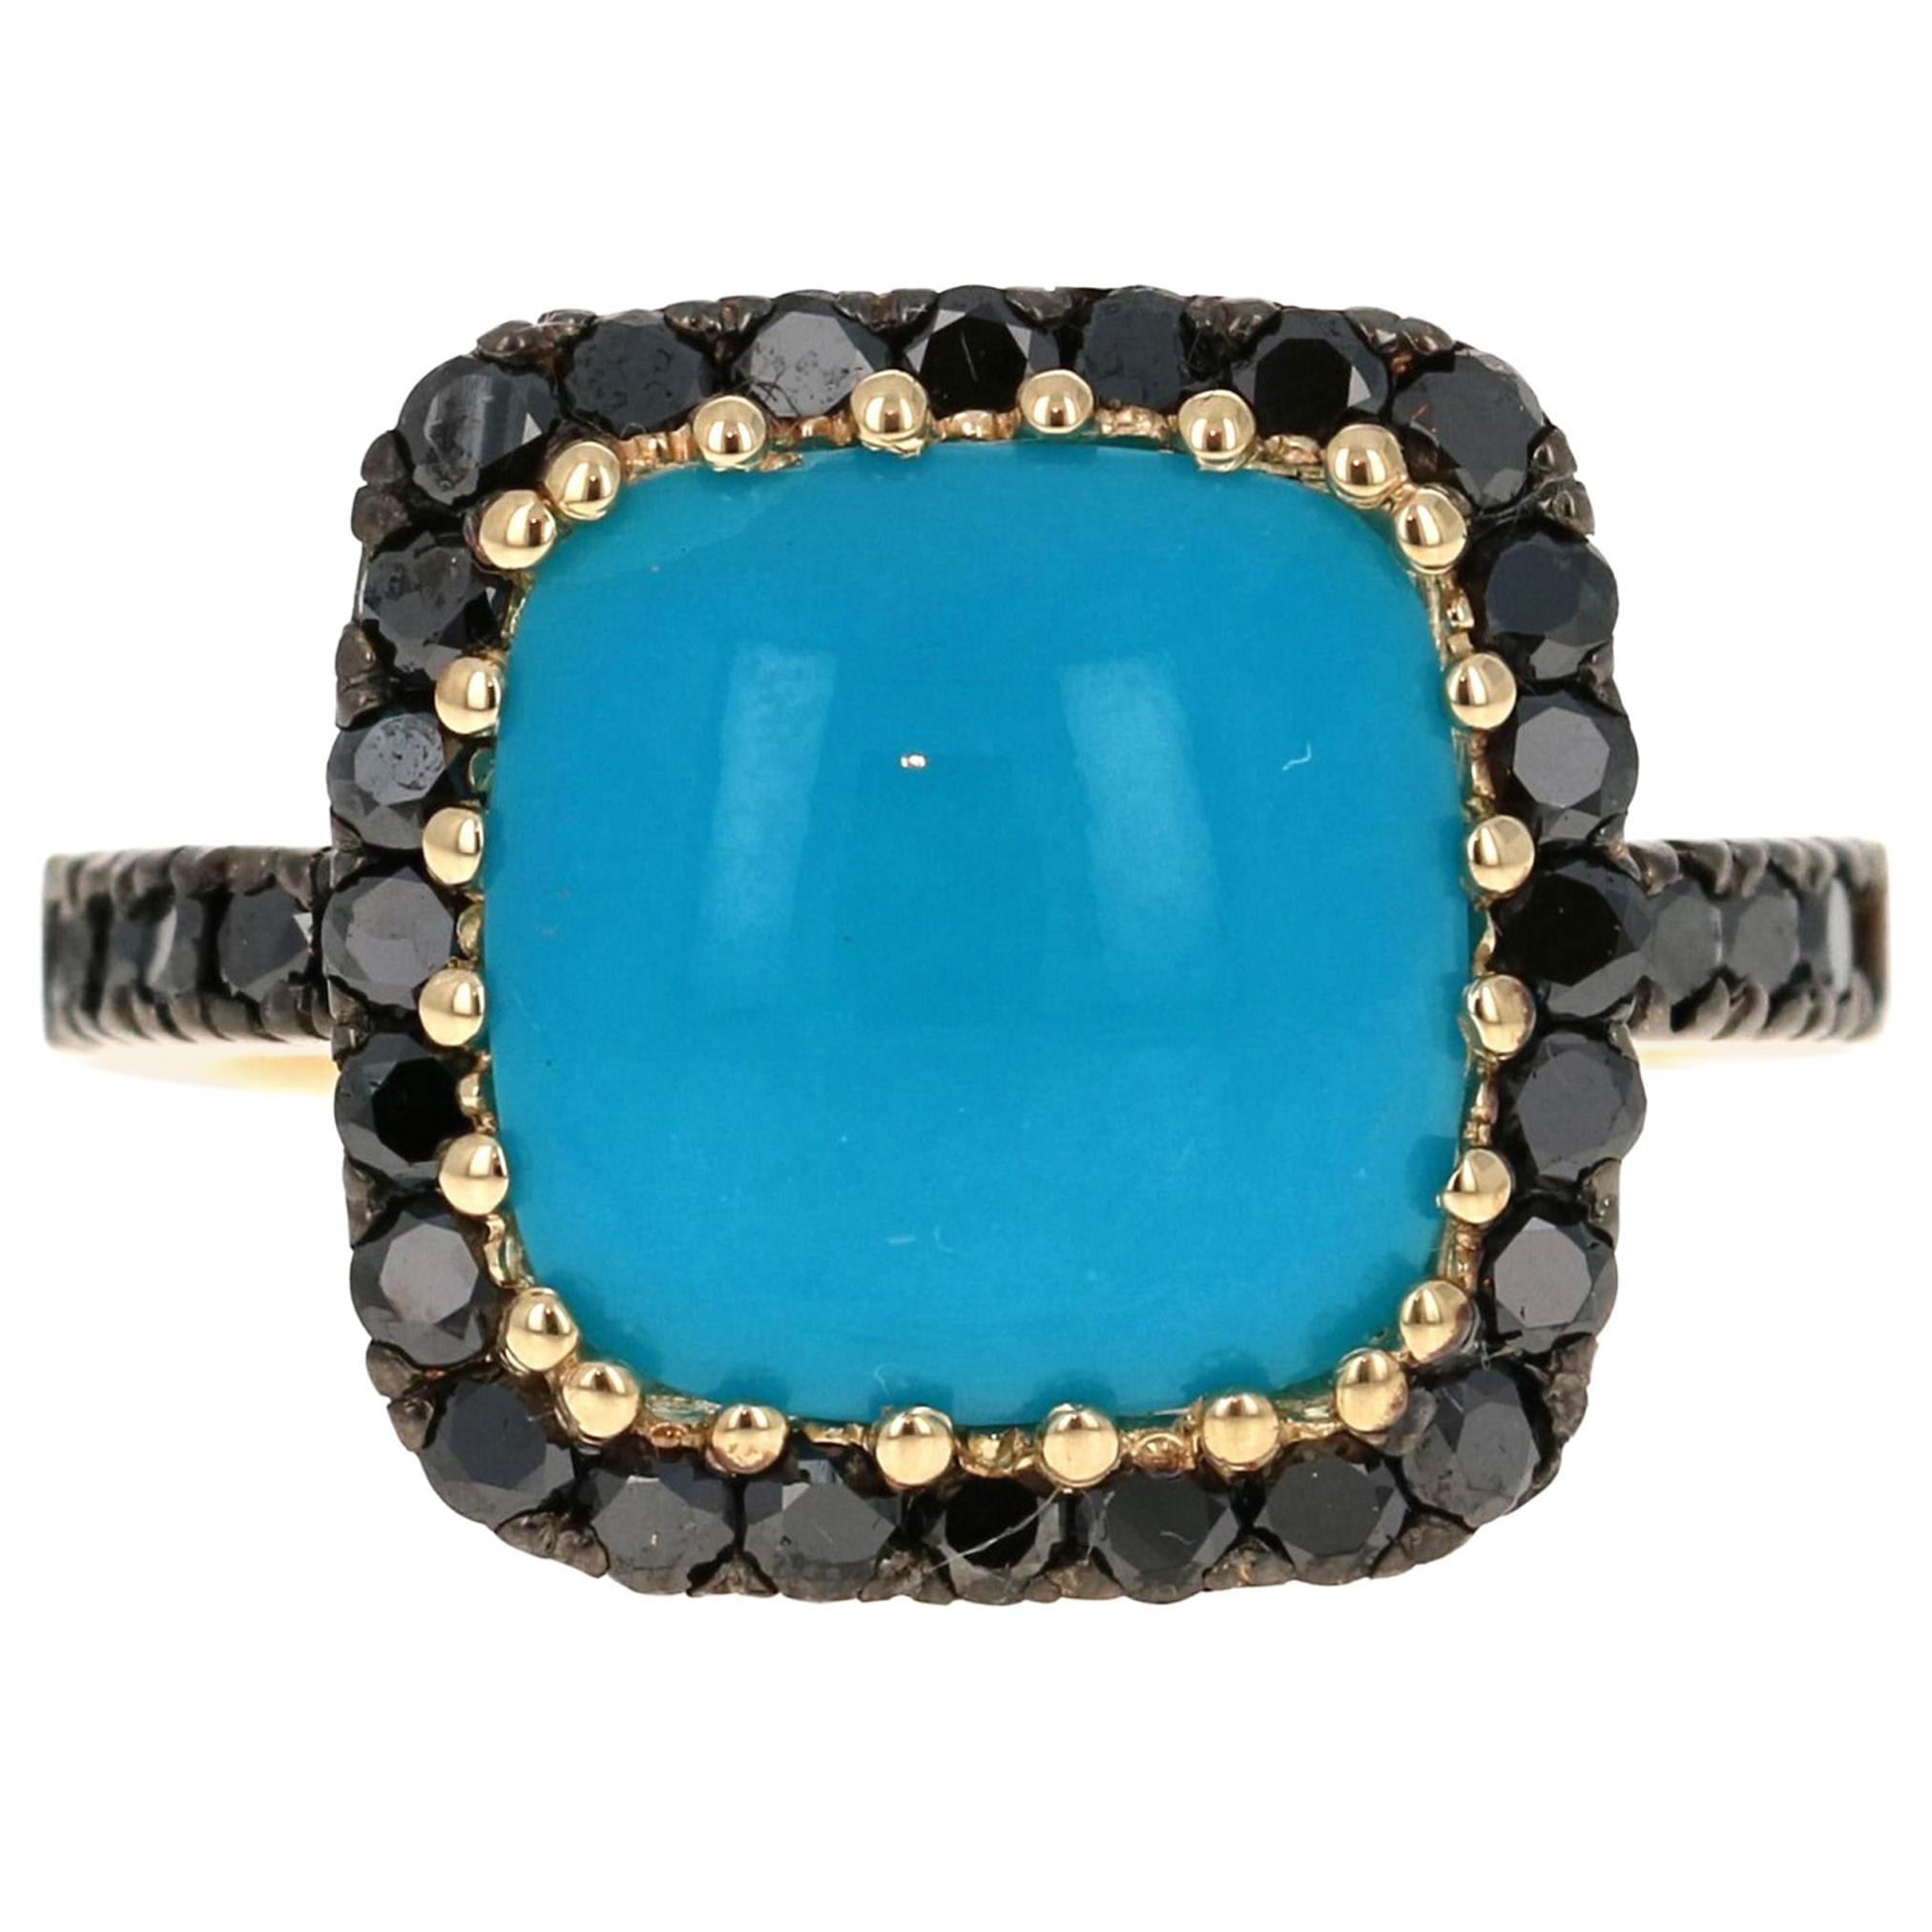 6.14 Carat Turquoise Black Diamond 14 Karat Yellow Gold Ring